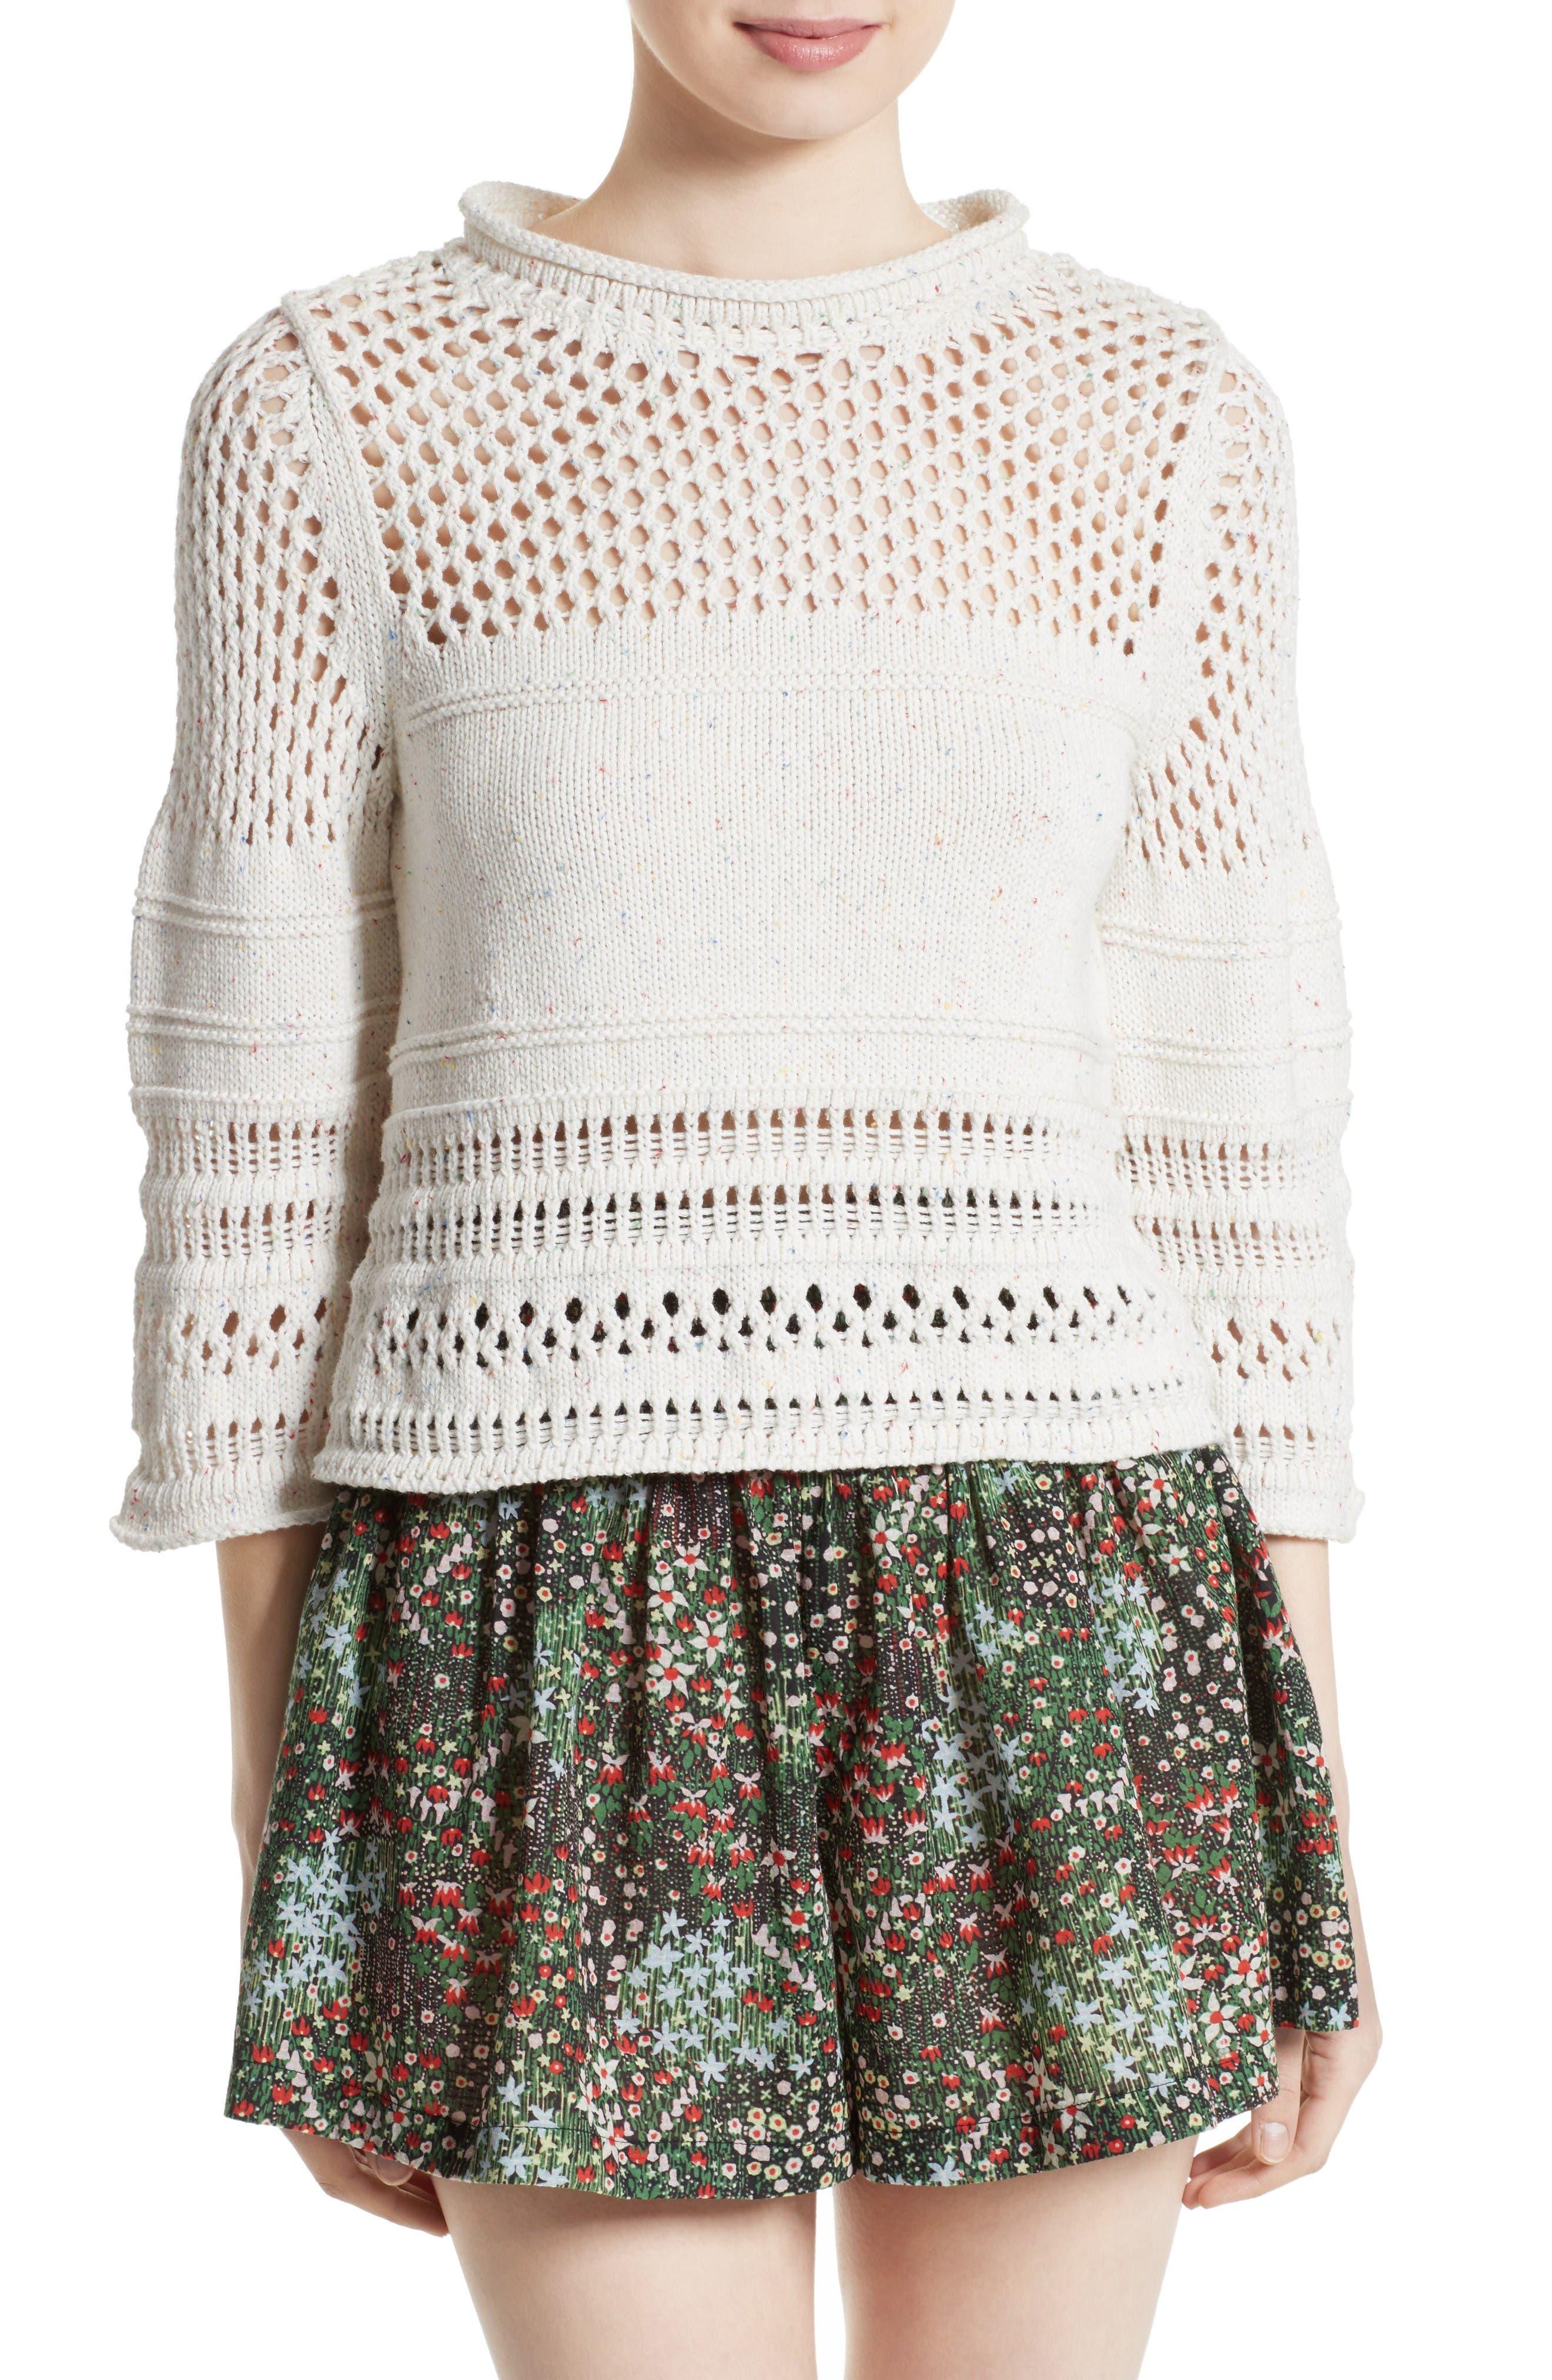 Main Image - La Vie Rebecca Taylor Confetti Knit Pullover